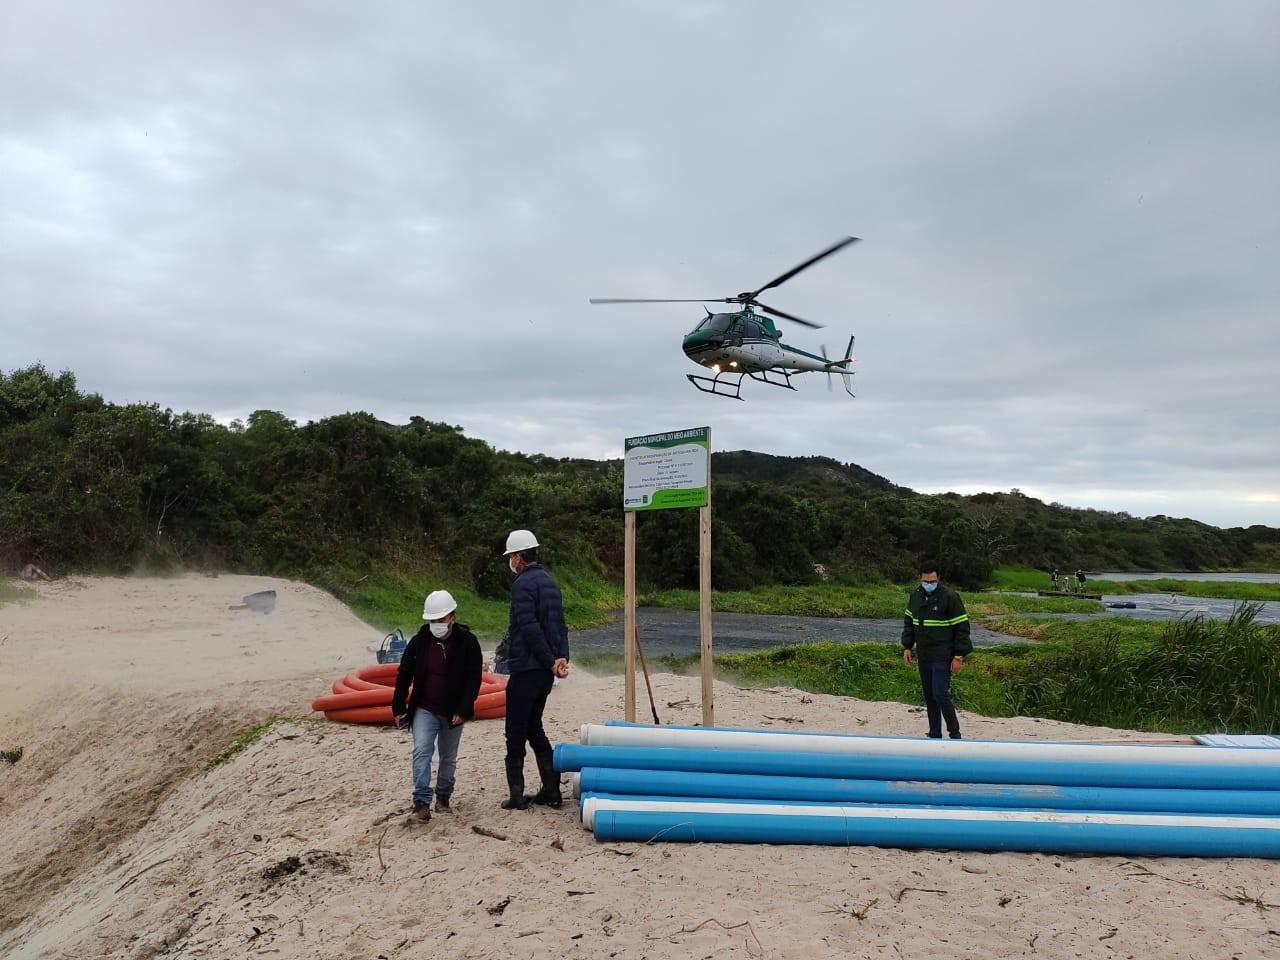 Bombas são instaladas com ajuda de helicóptero para drenar lagoa e evitar risco de novo rompimento em Florianópolis